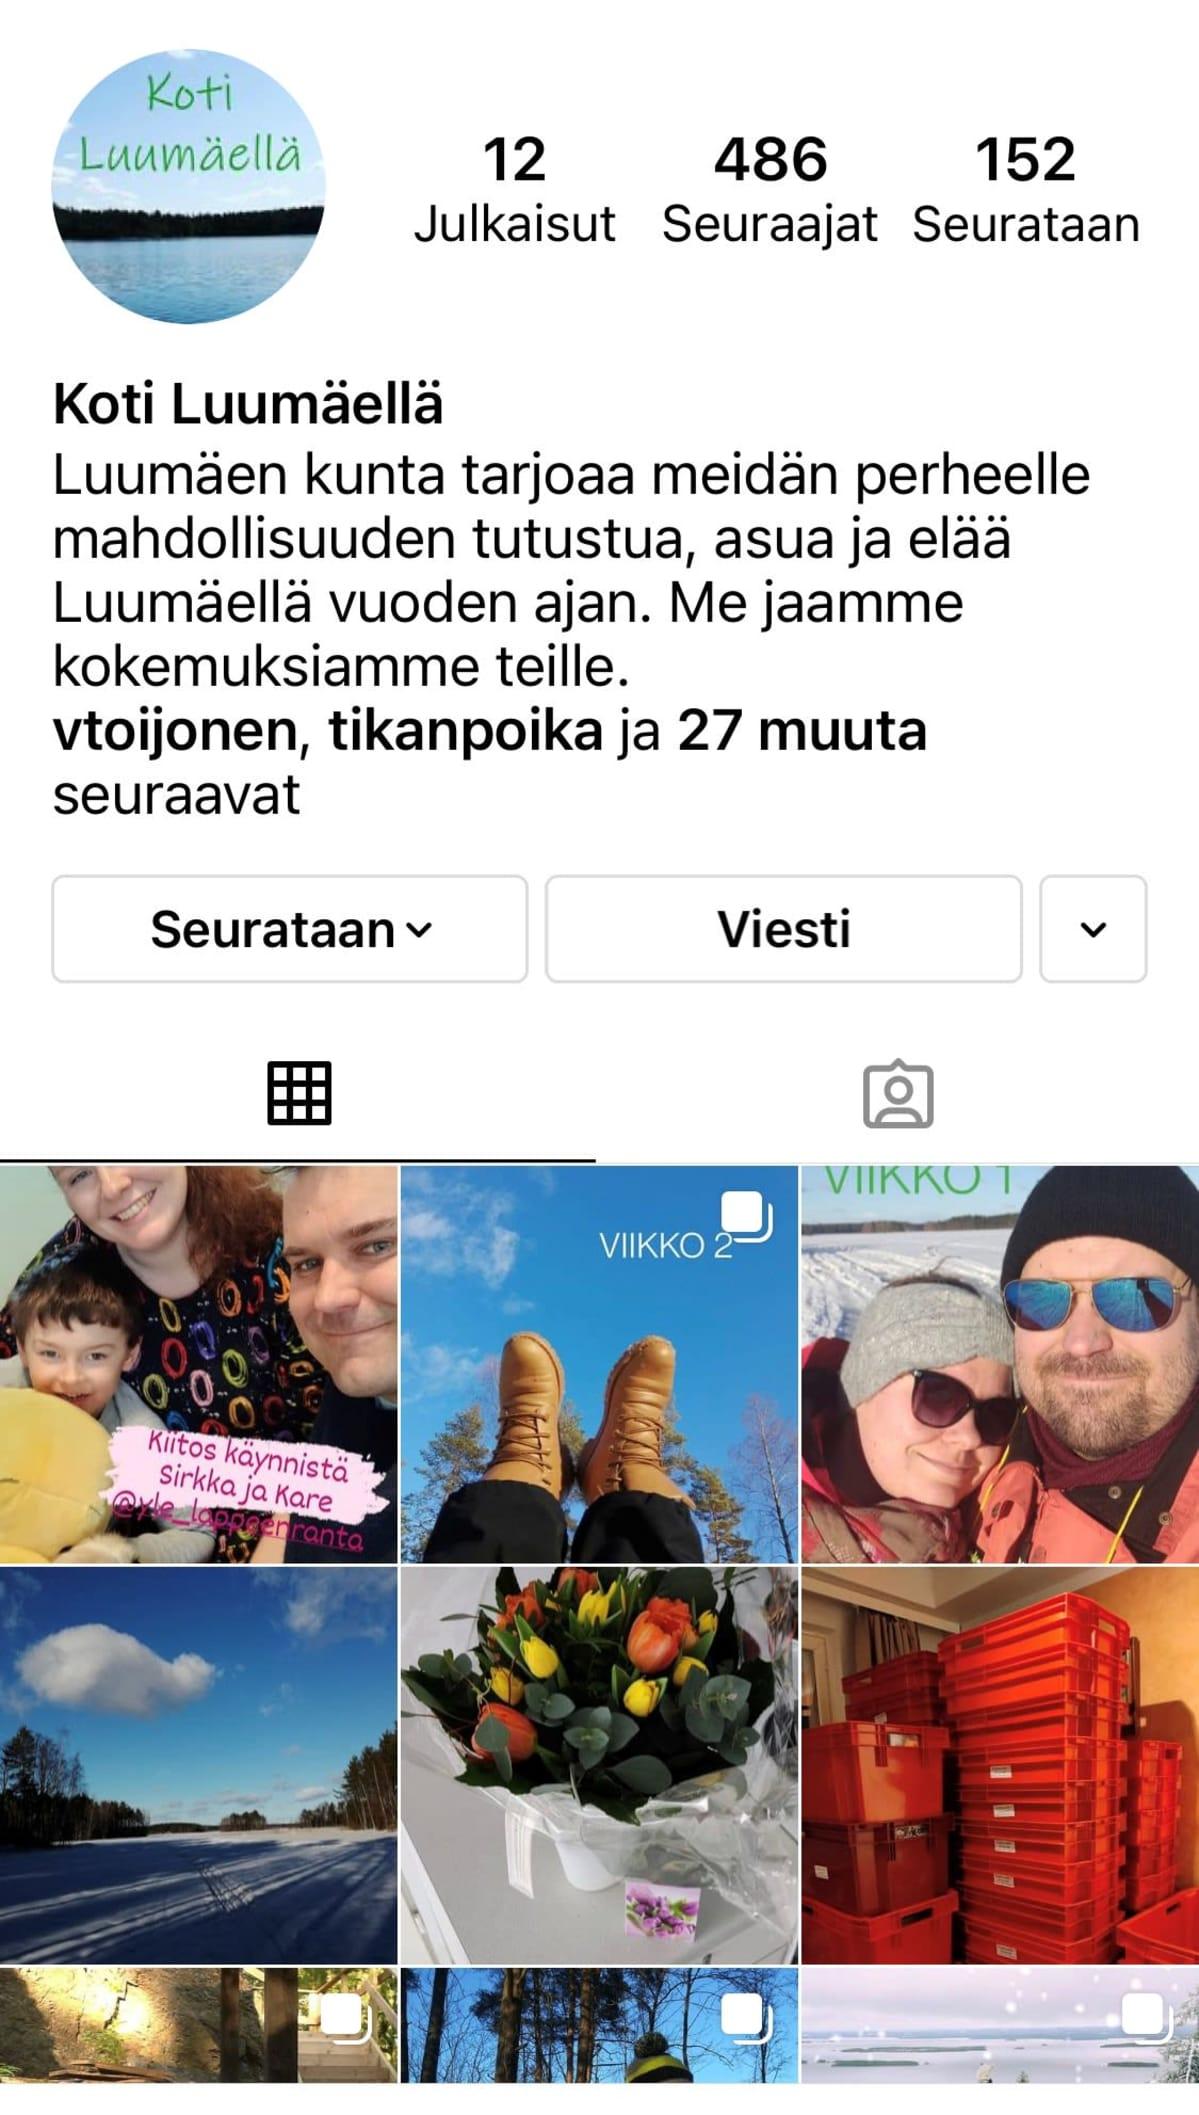 Kuvakaappaus perheen Instagram-tililtä. Kuvassa kuvia perheestä.